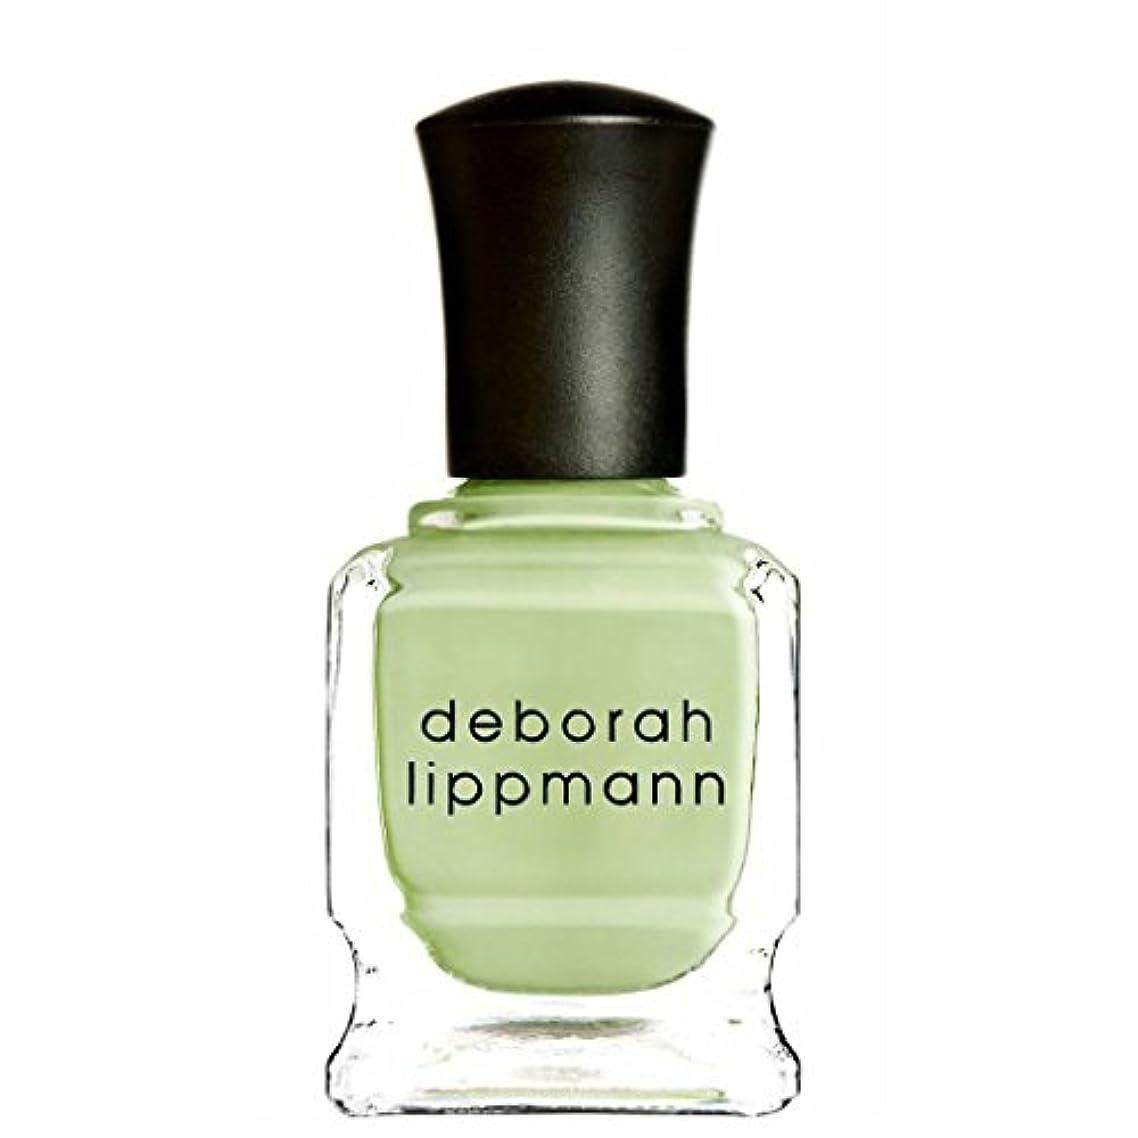 ノミネート表示レルム[Deborah Lippmann] [ デボラリップマン] ネイルポリッシュ スプリングバッド (ピスタチオグリーン) SPRING BUDS 15mL 国内正規品